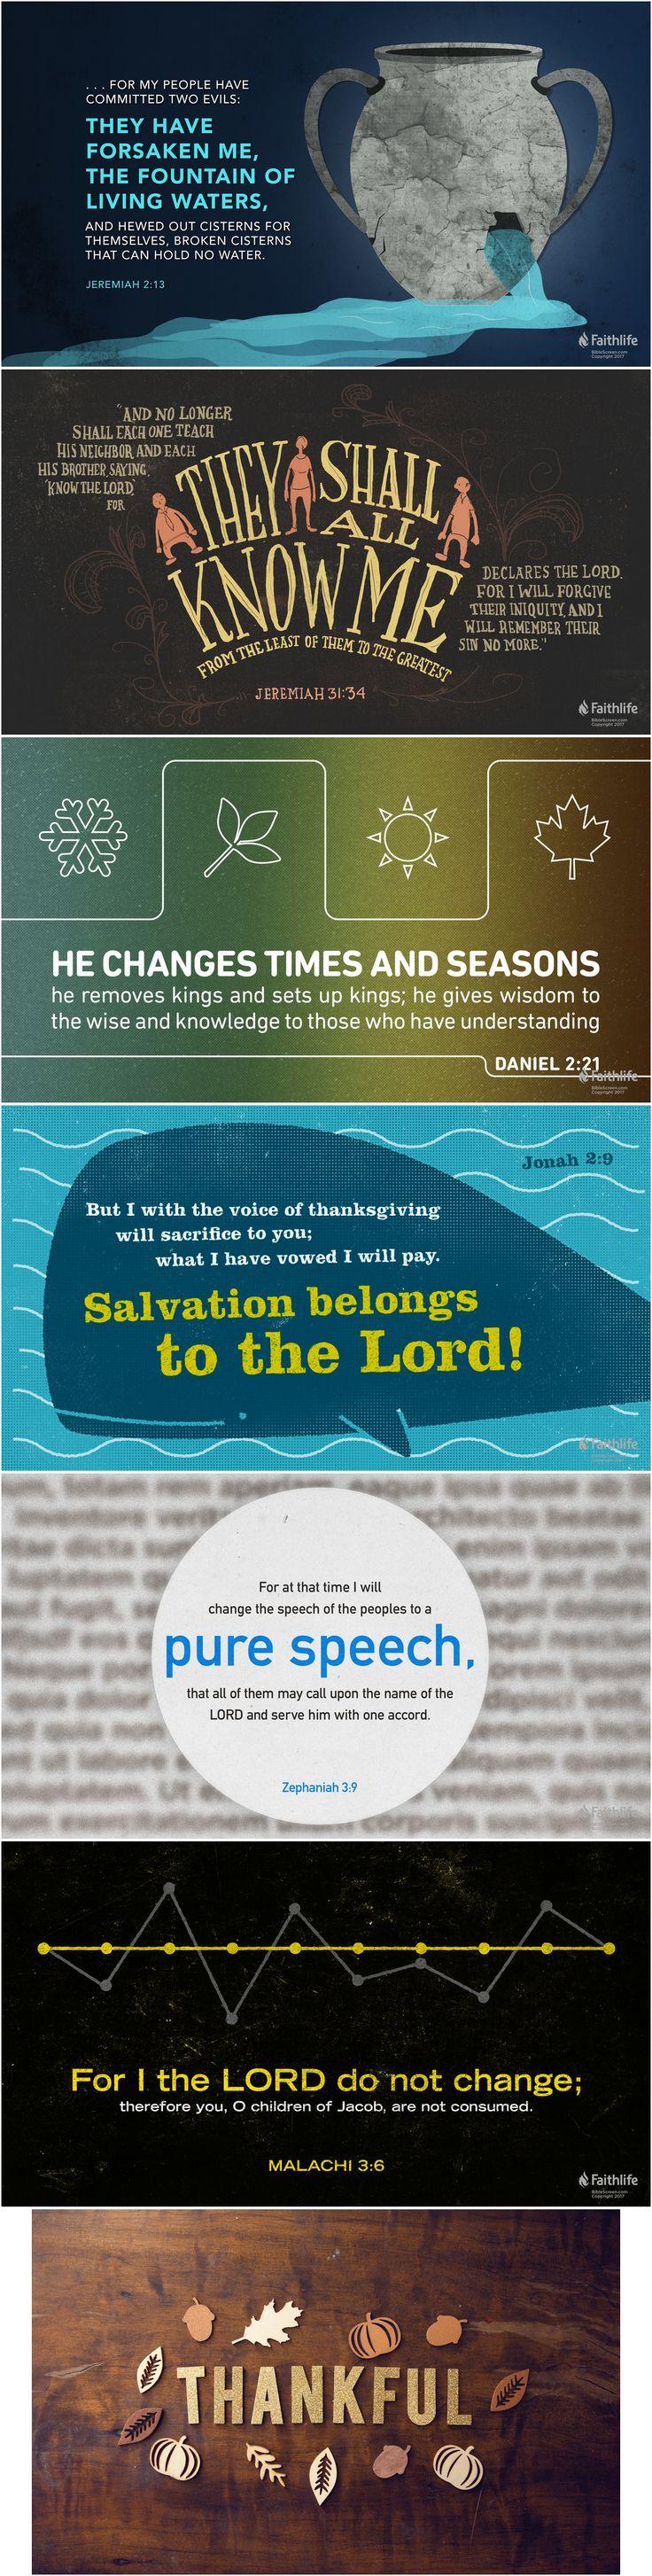 Essene book of revelationrejected scriptures king james version